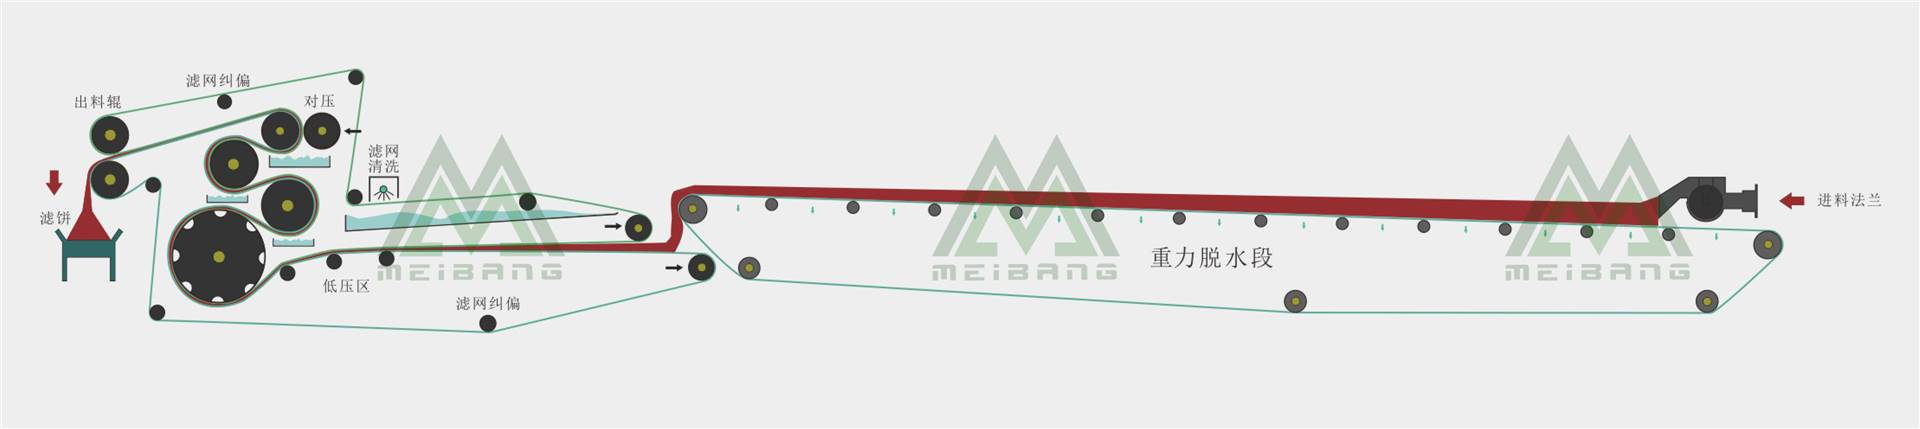 重庆洗沙厂泥浆处理设备价格